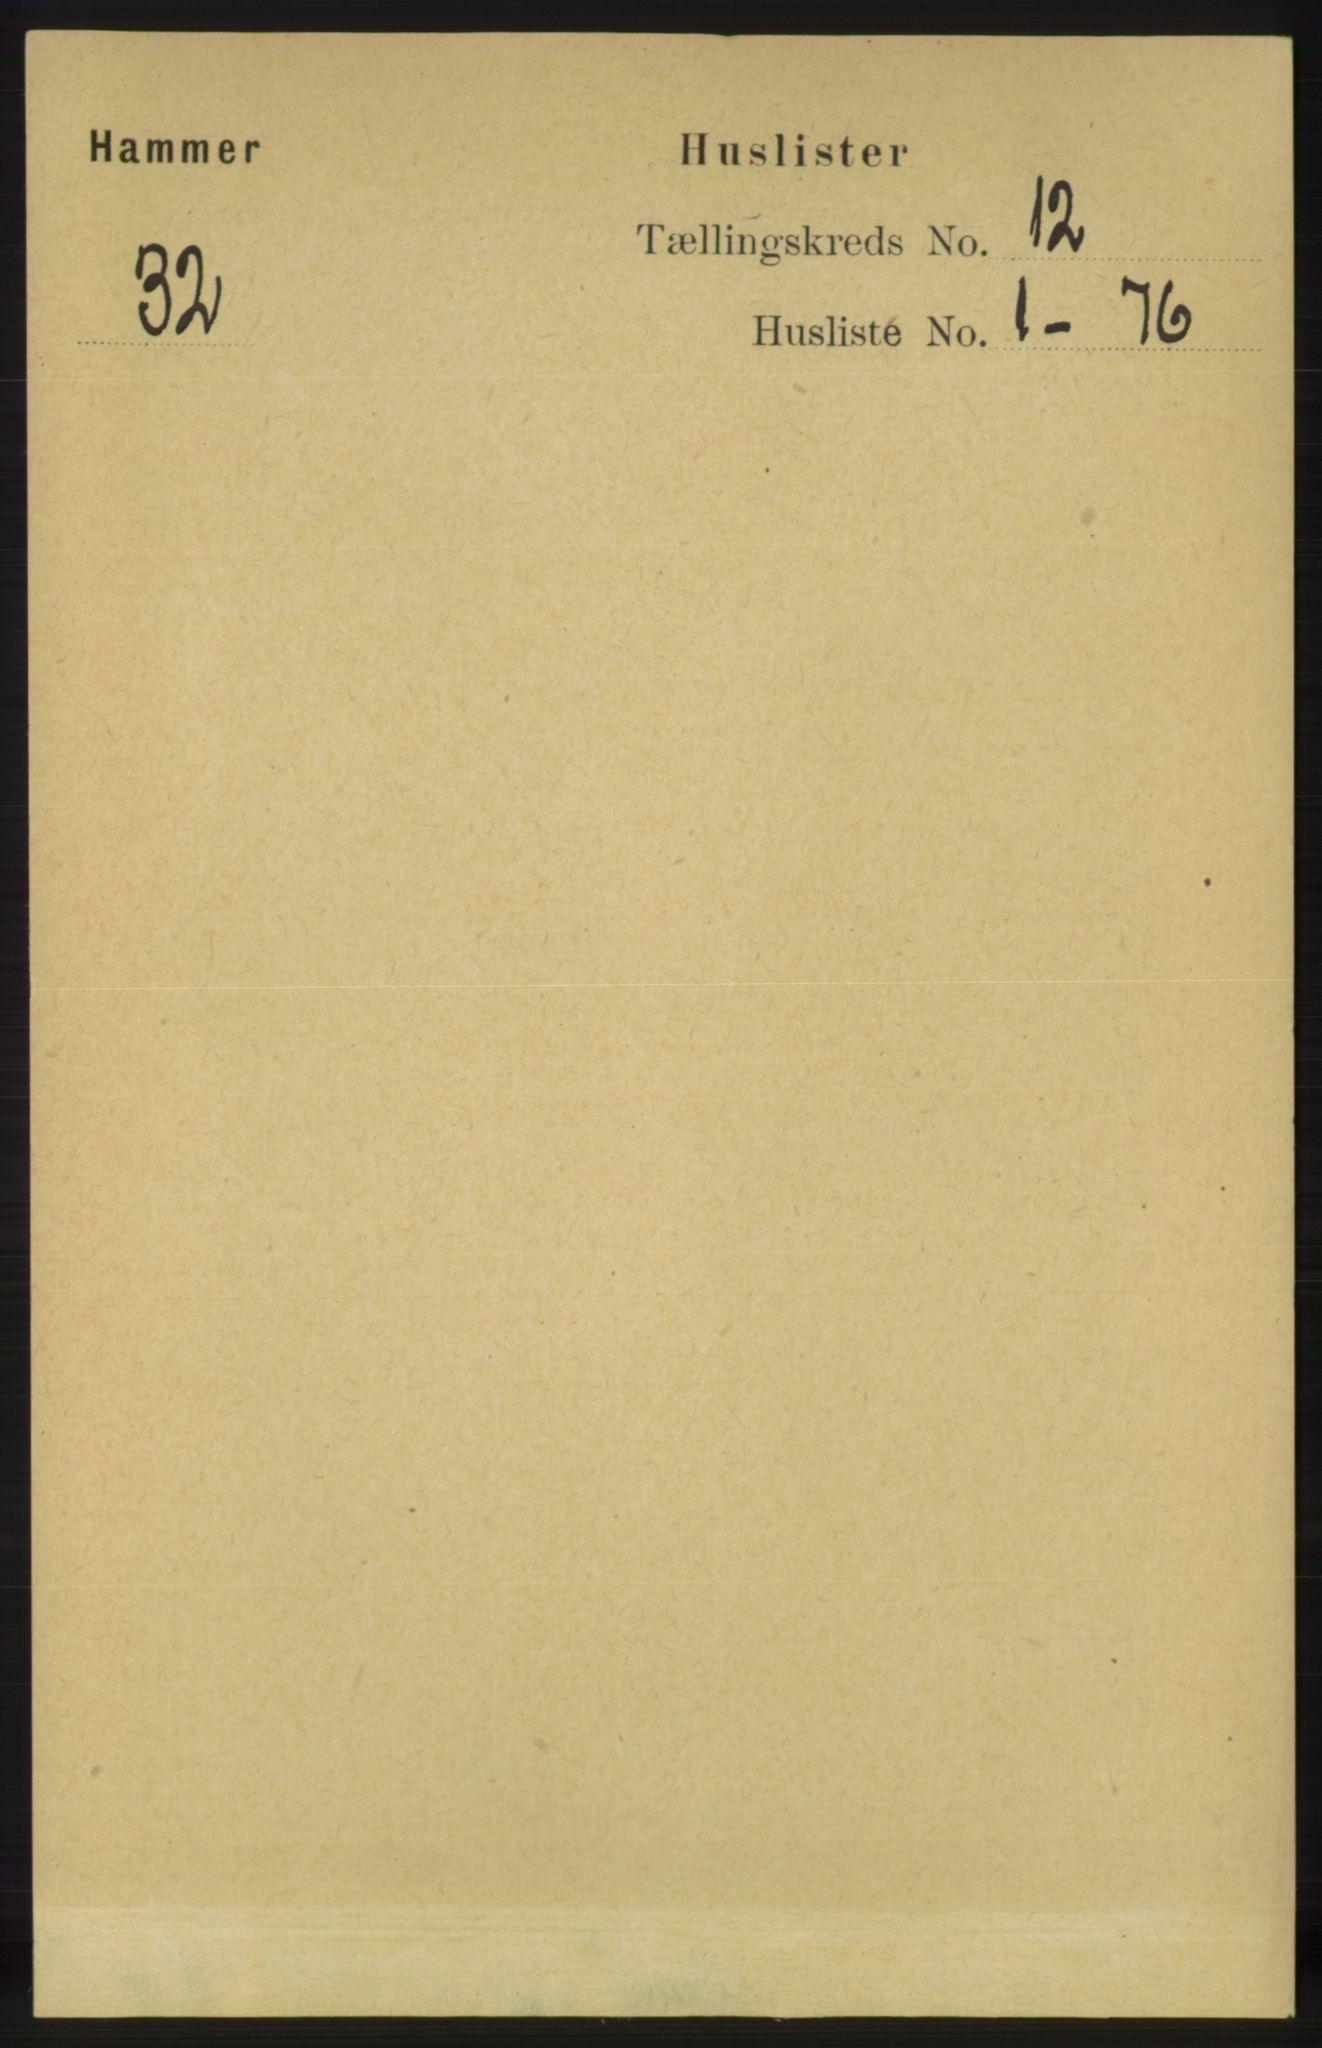 RA, Folketelling 1891 for 1254 Hamre herred, 1891, s. 3408